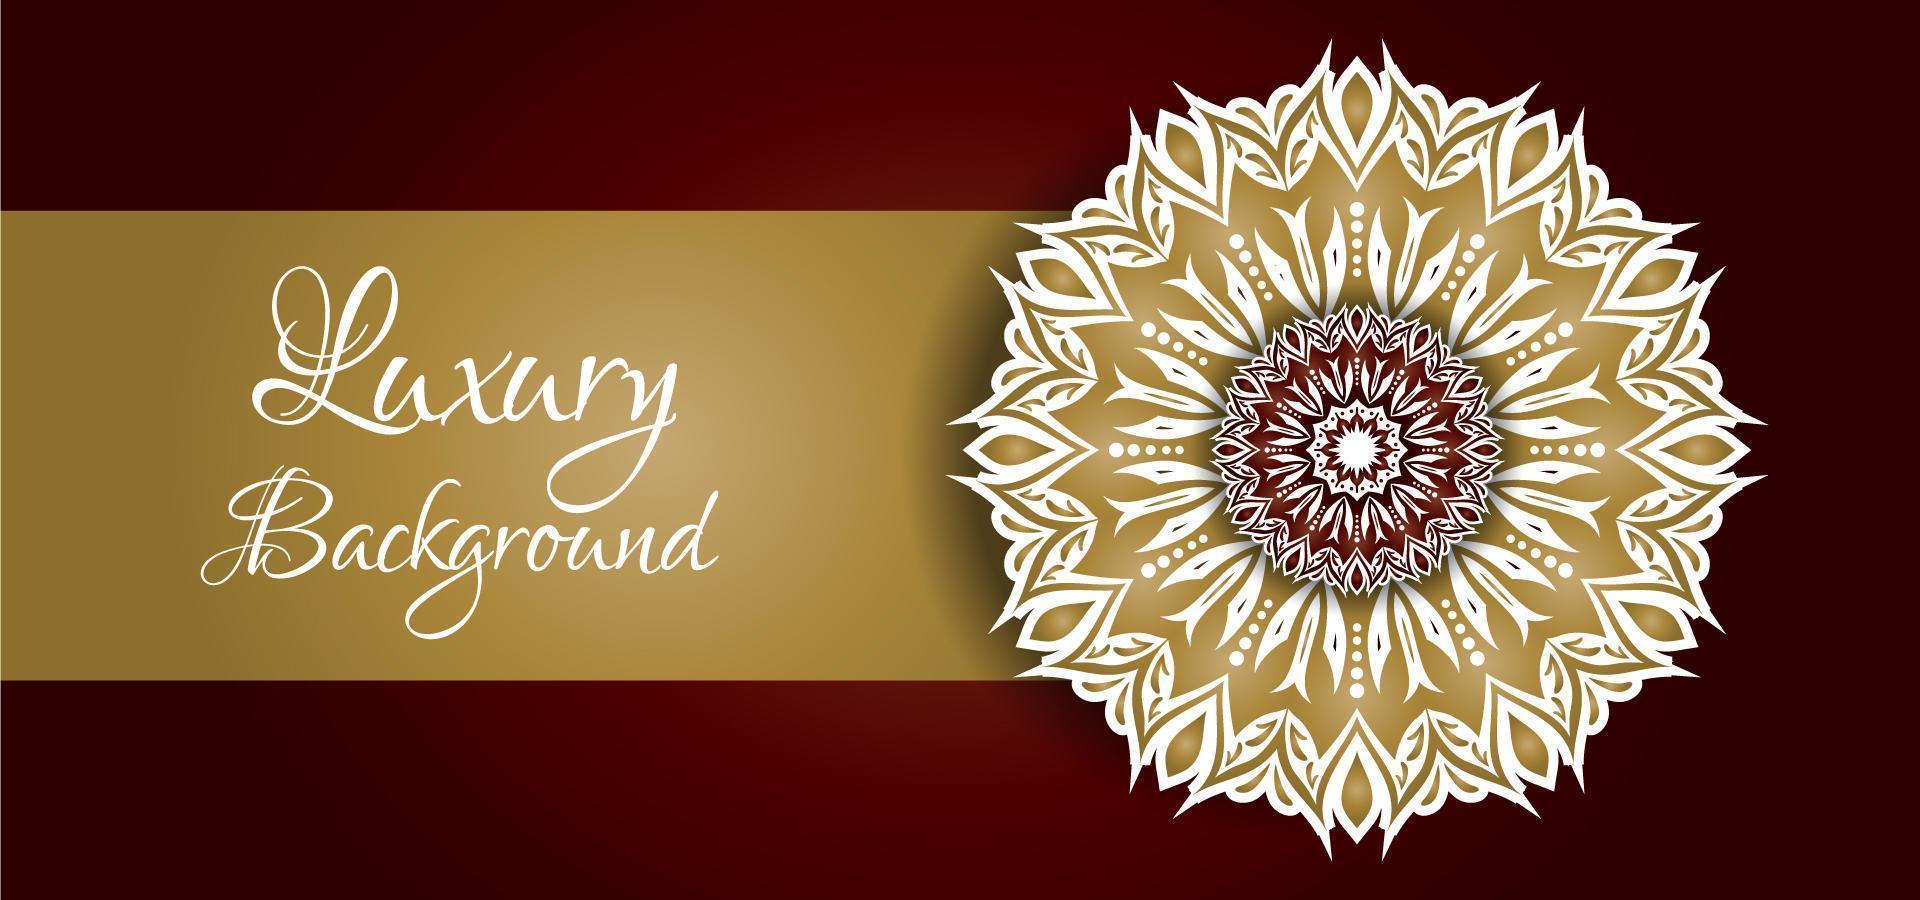 Goldener und weißer Mandala Design auf rotem Hintergrund vektor